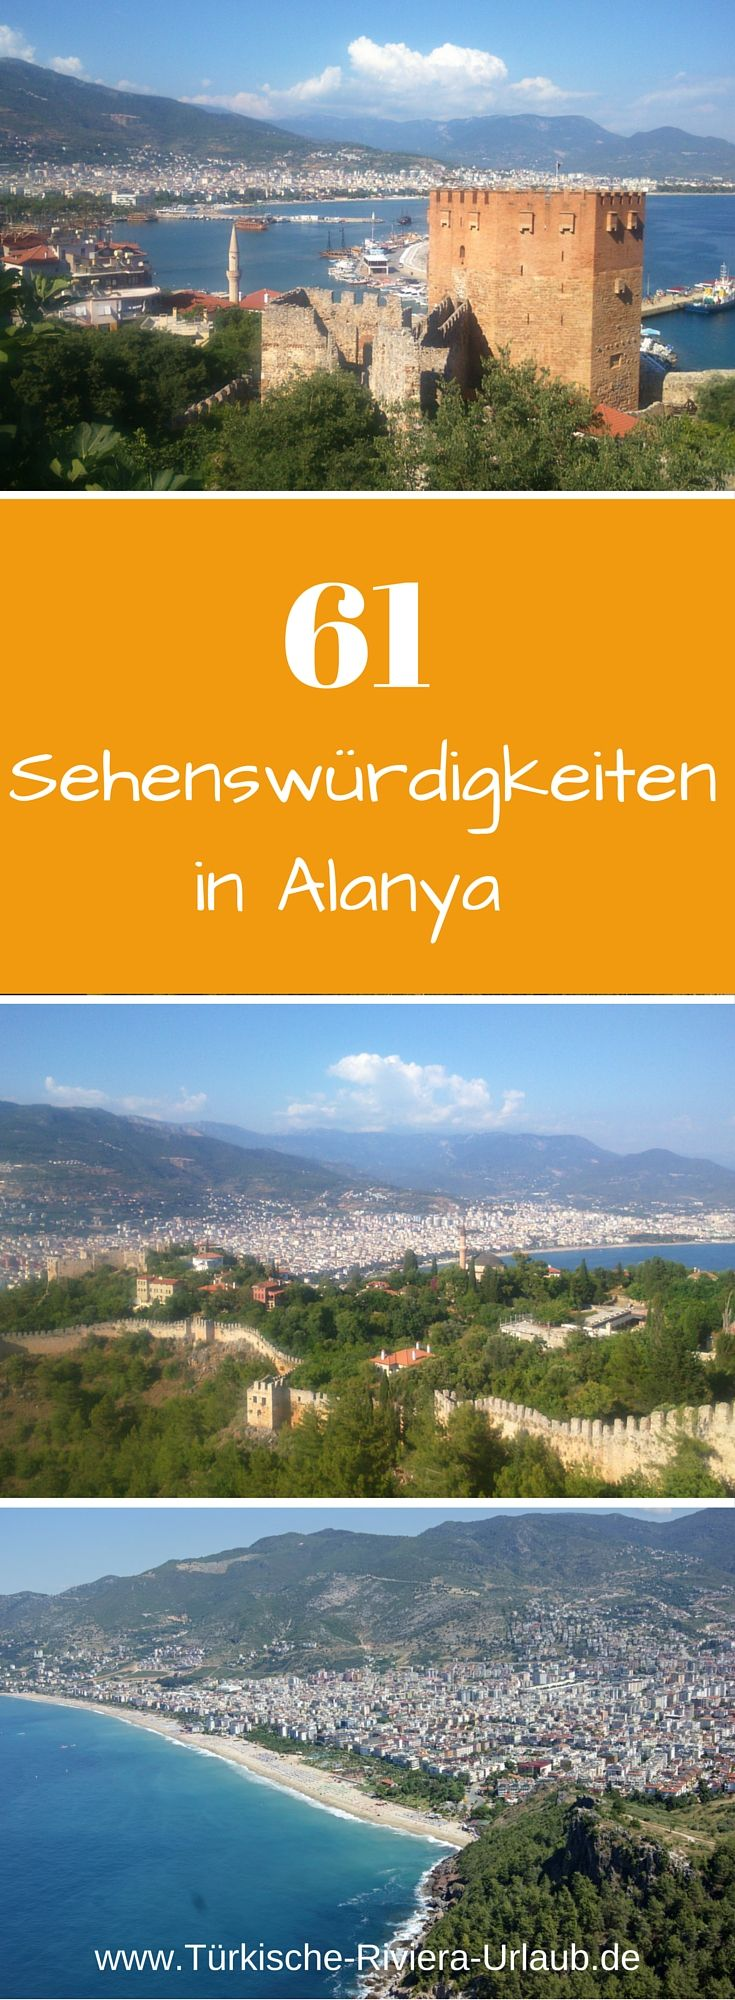 61 Sehenswürdigkeiten & Aktivitäten in der türkischen Touristenstadt Alanya. Damit wird dir während deiner Reise bestimmt nicht langweilige! Zur Liste gelangst du hier: http://www.tuerkische-riviera-urlaub.de/alanya-sehenswuerdigkeiten/